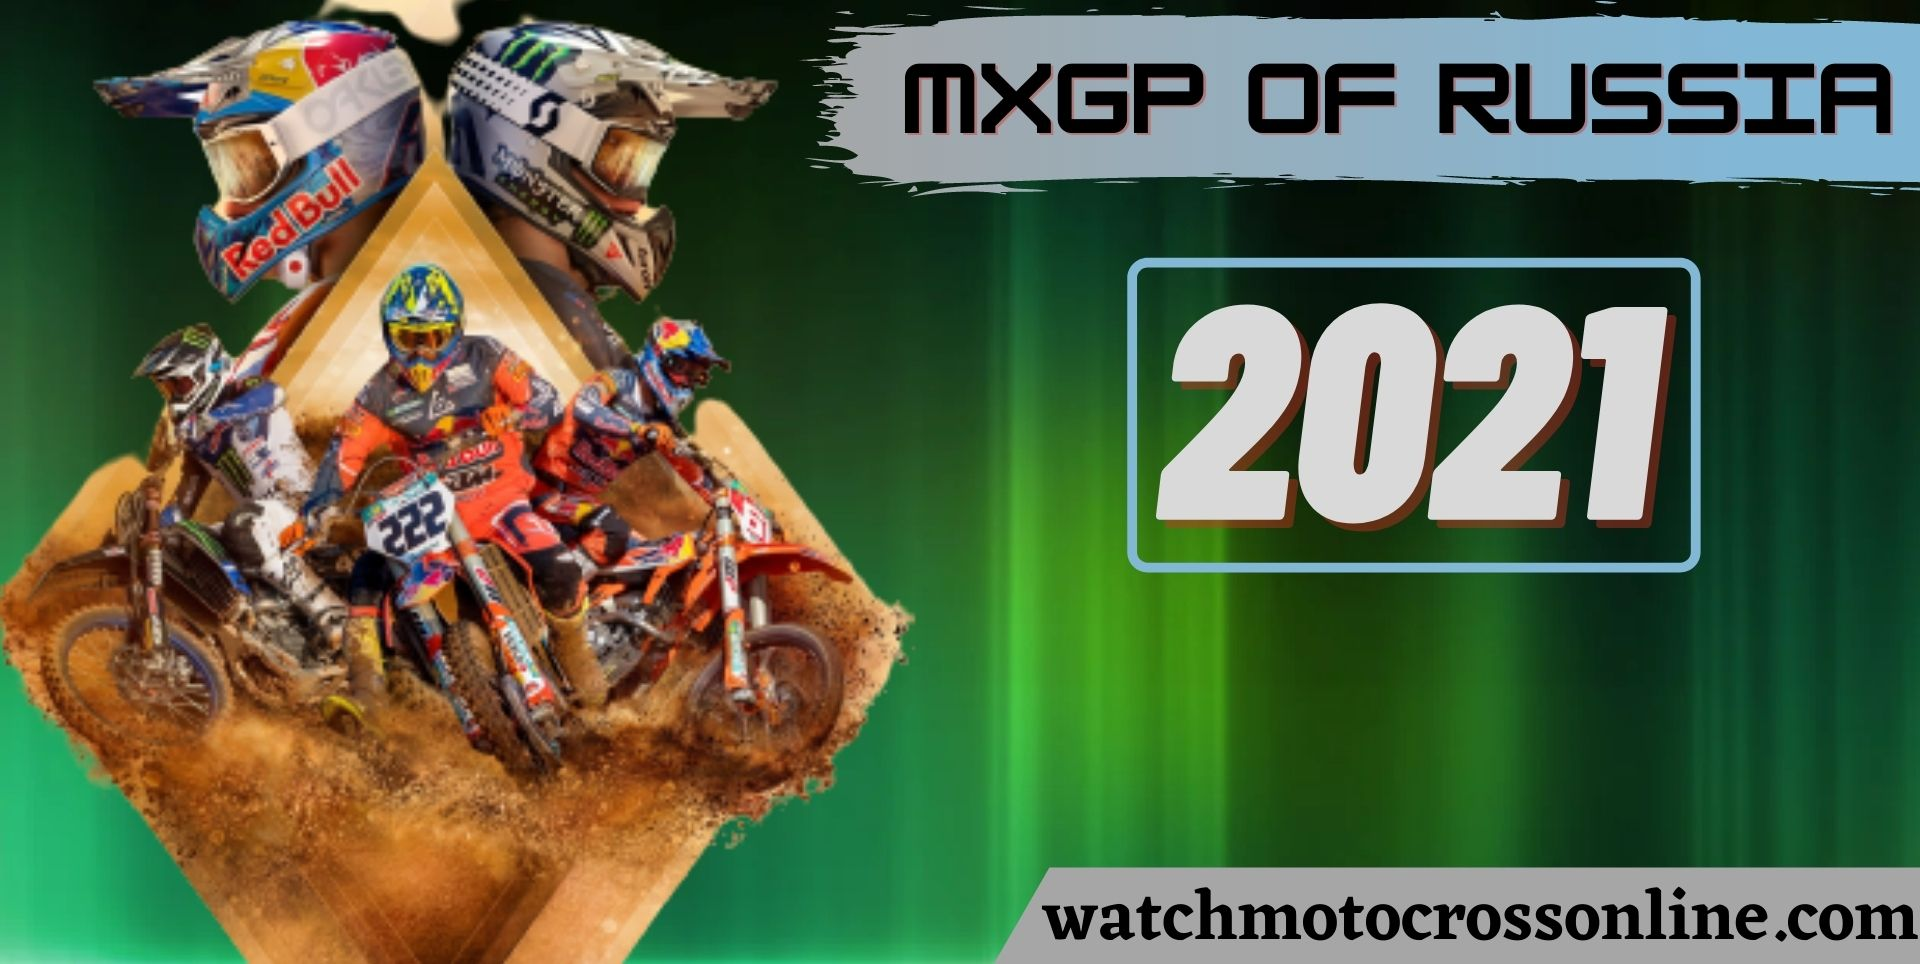 MXGP Of Russia Live Stream